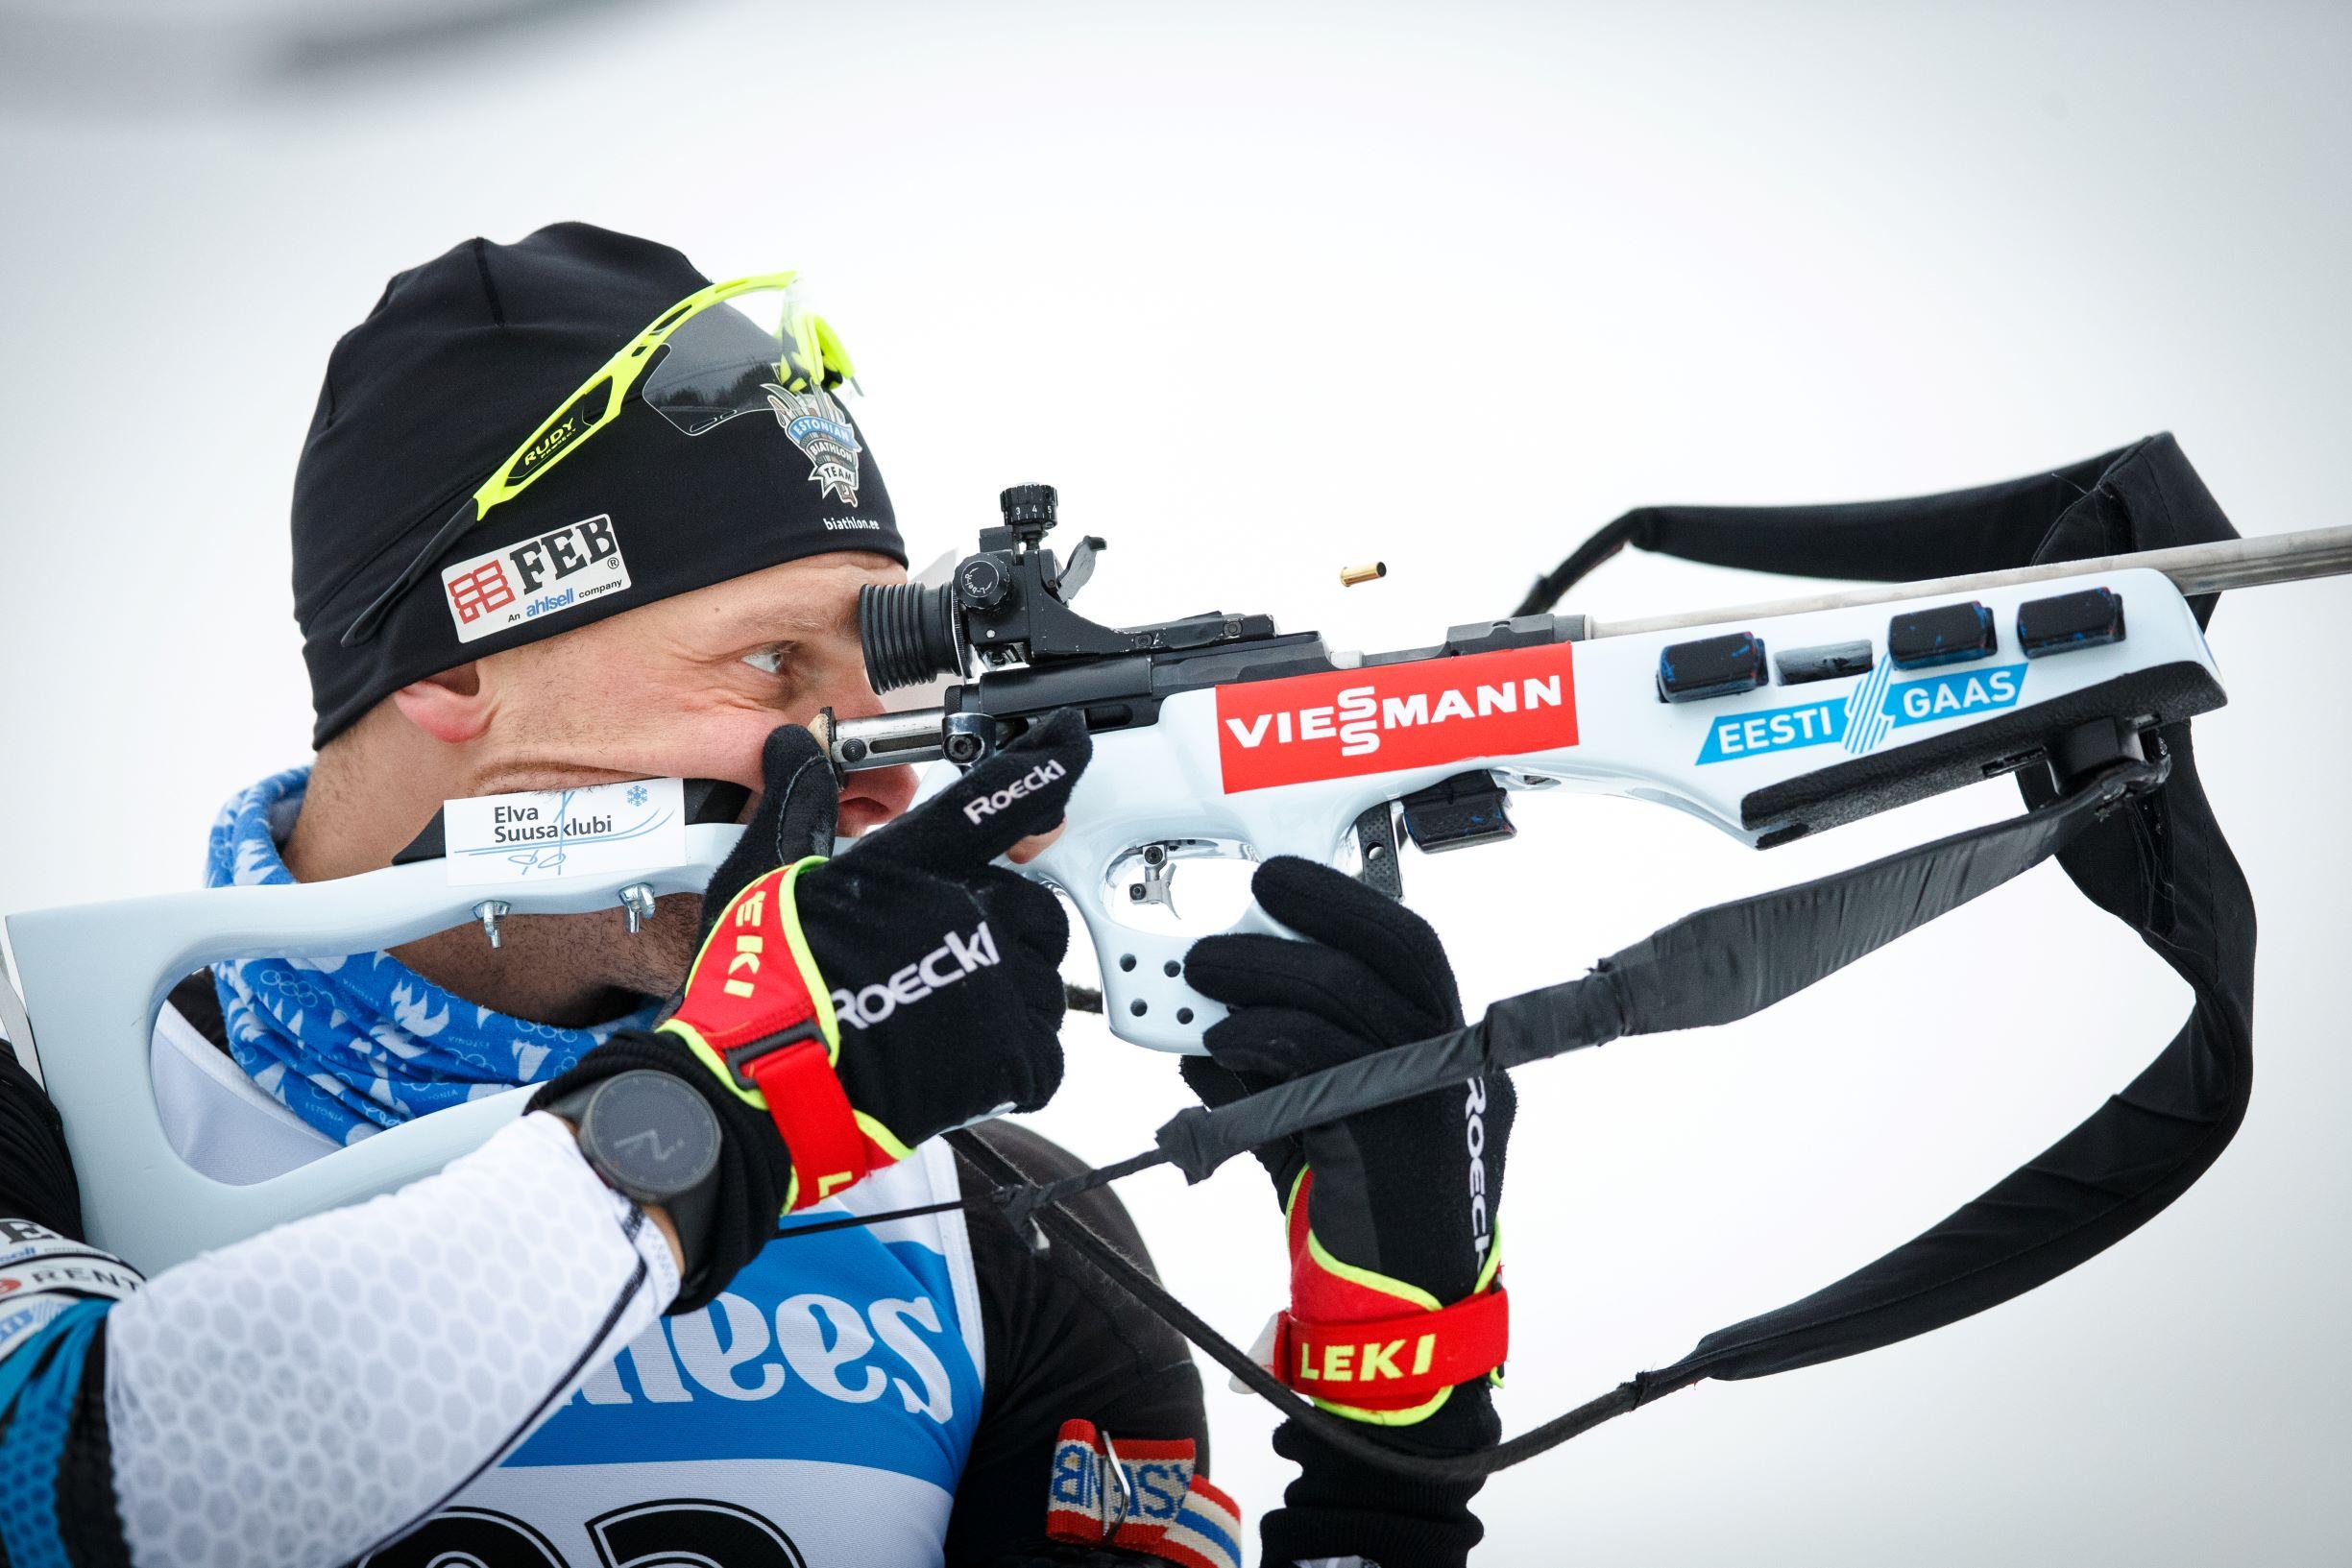 Eesti Gaas toetab laskesuusatajaid, foto Jarek Jõepera